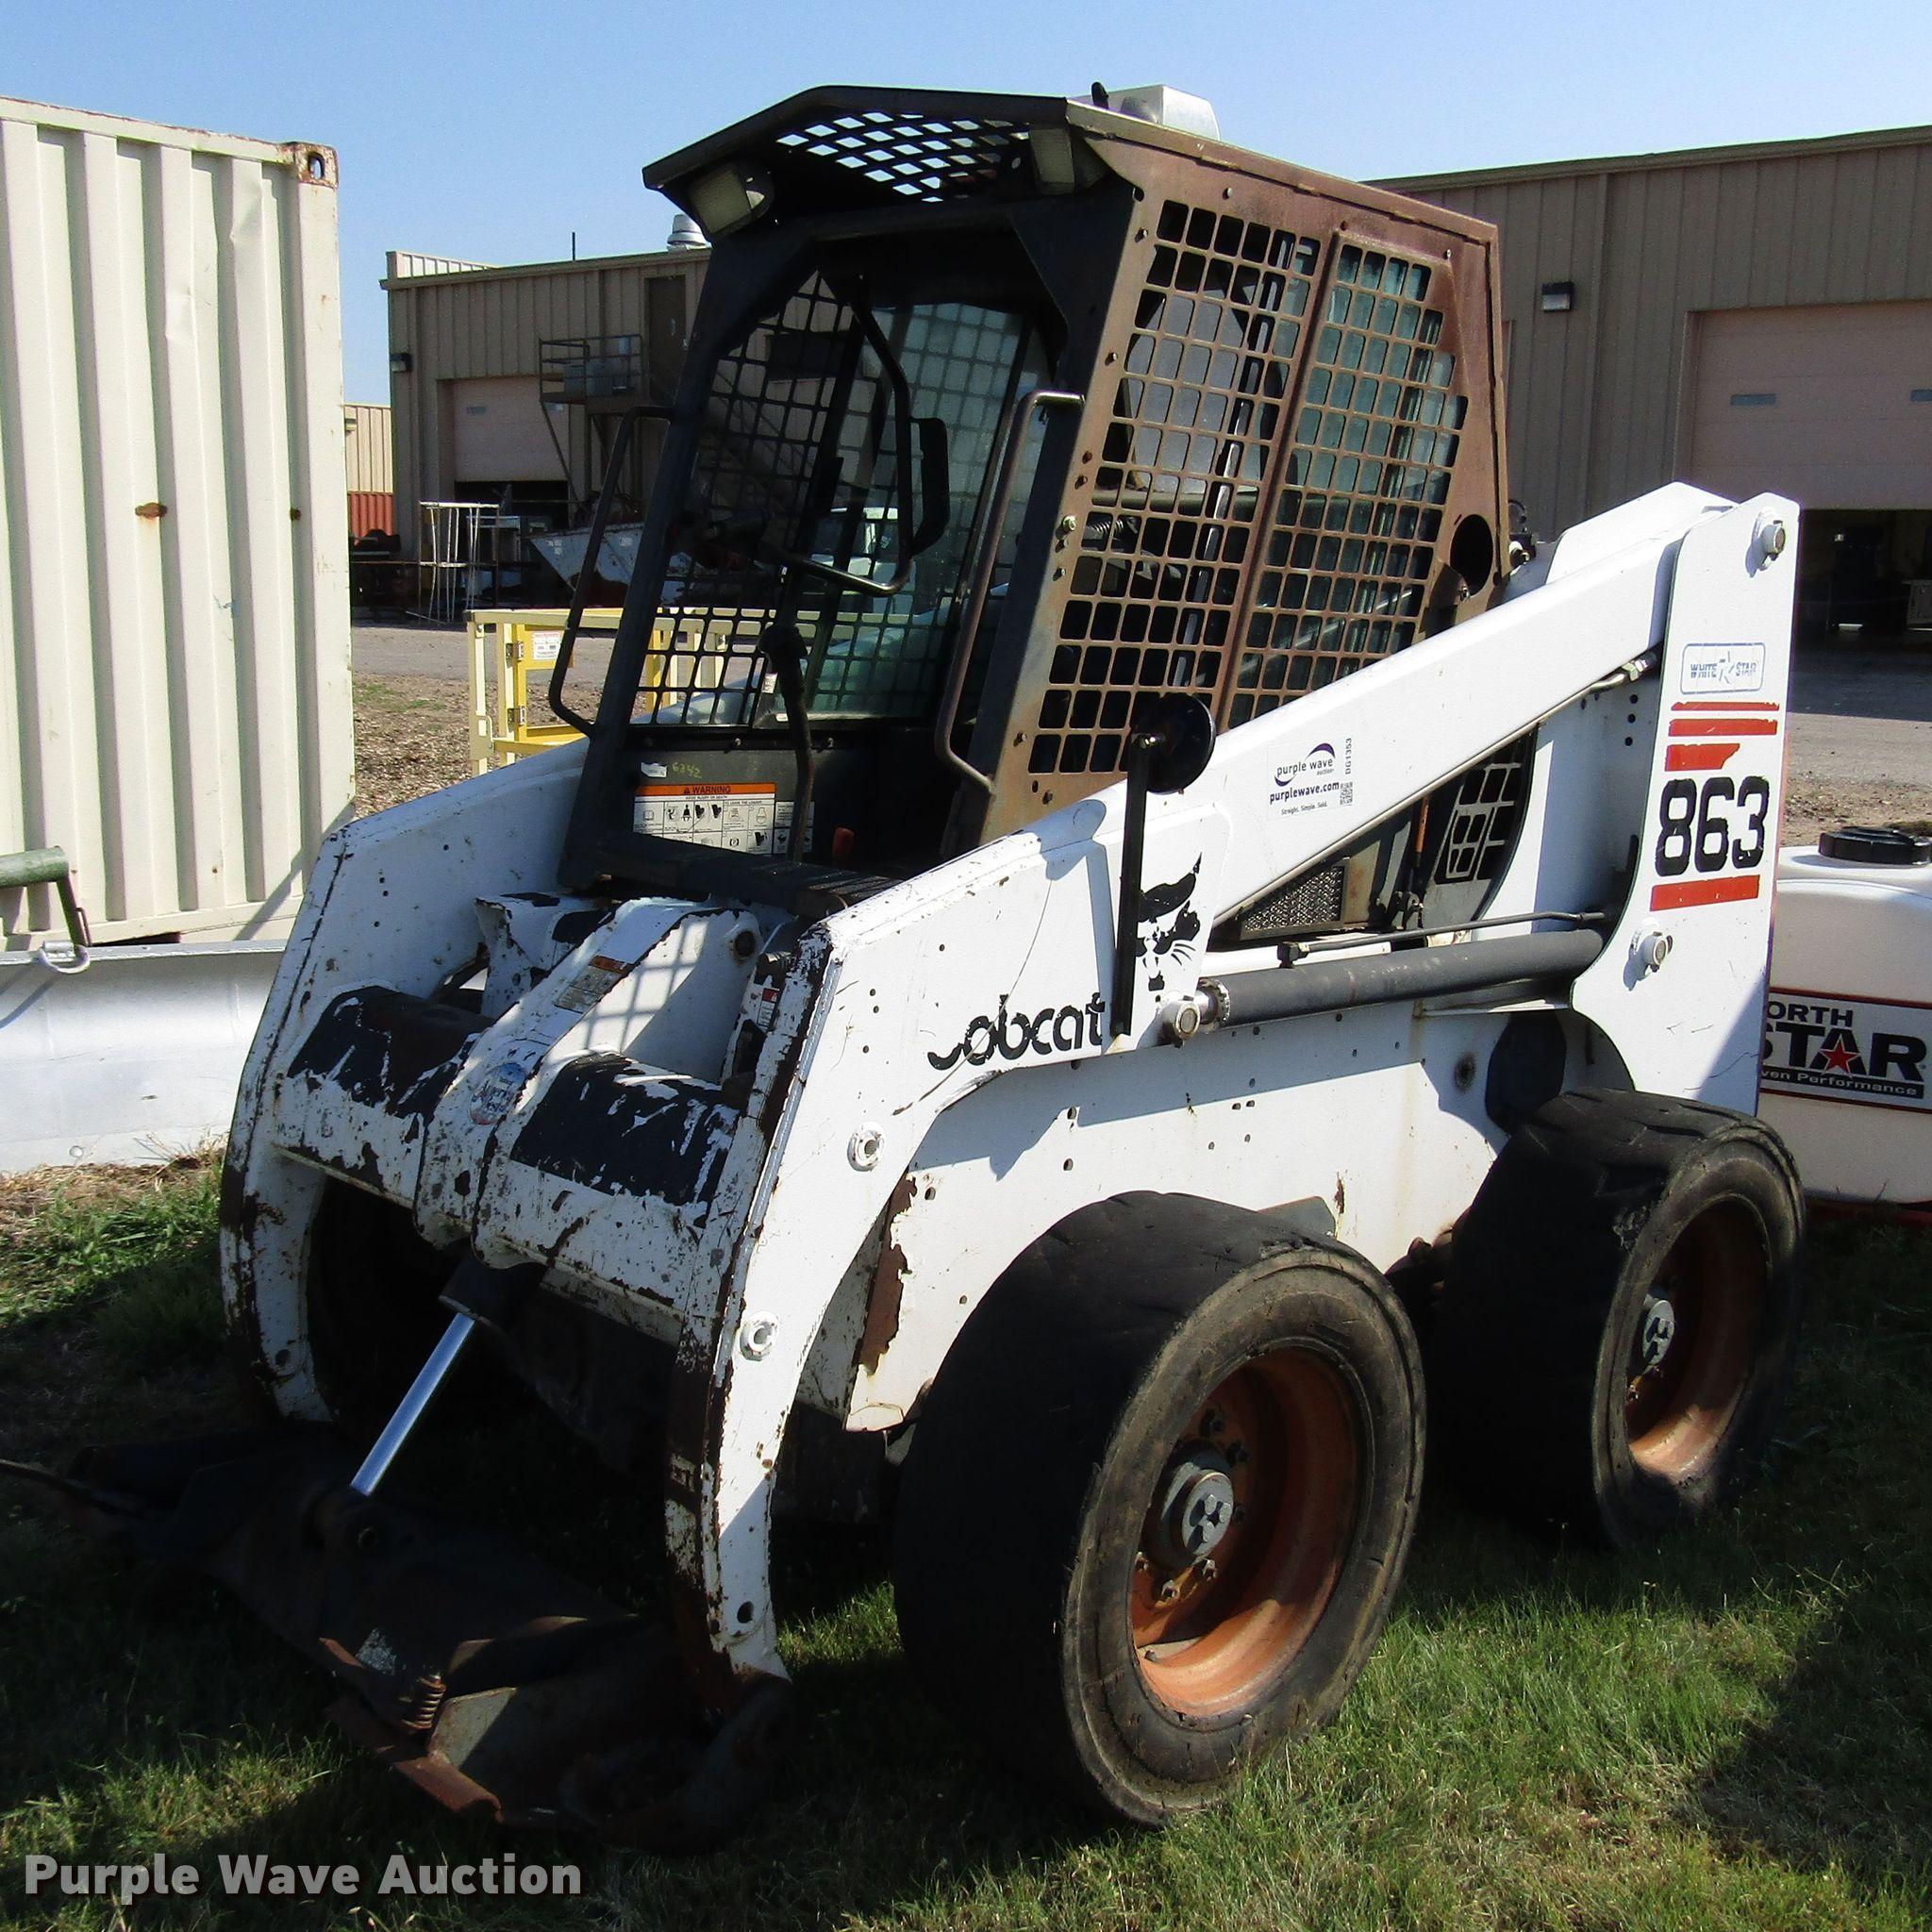 1998 Bobcat 863 skid steer | Item DG1353 | Tuesday September